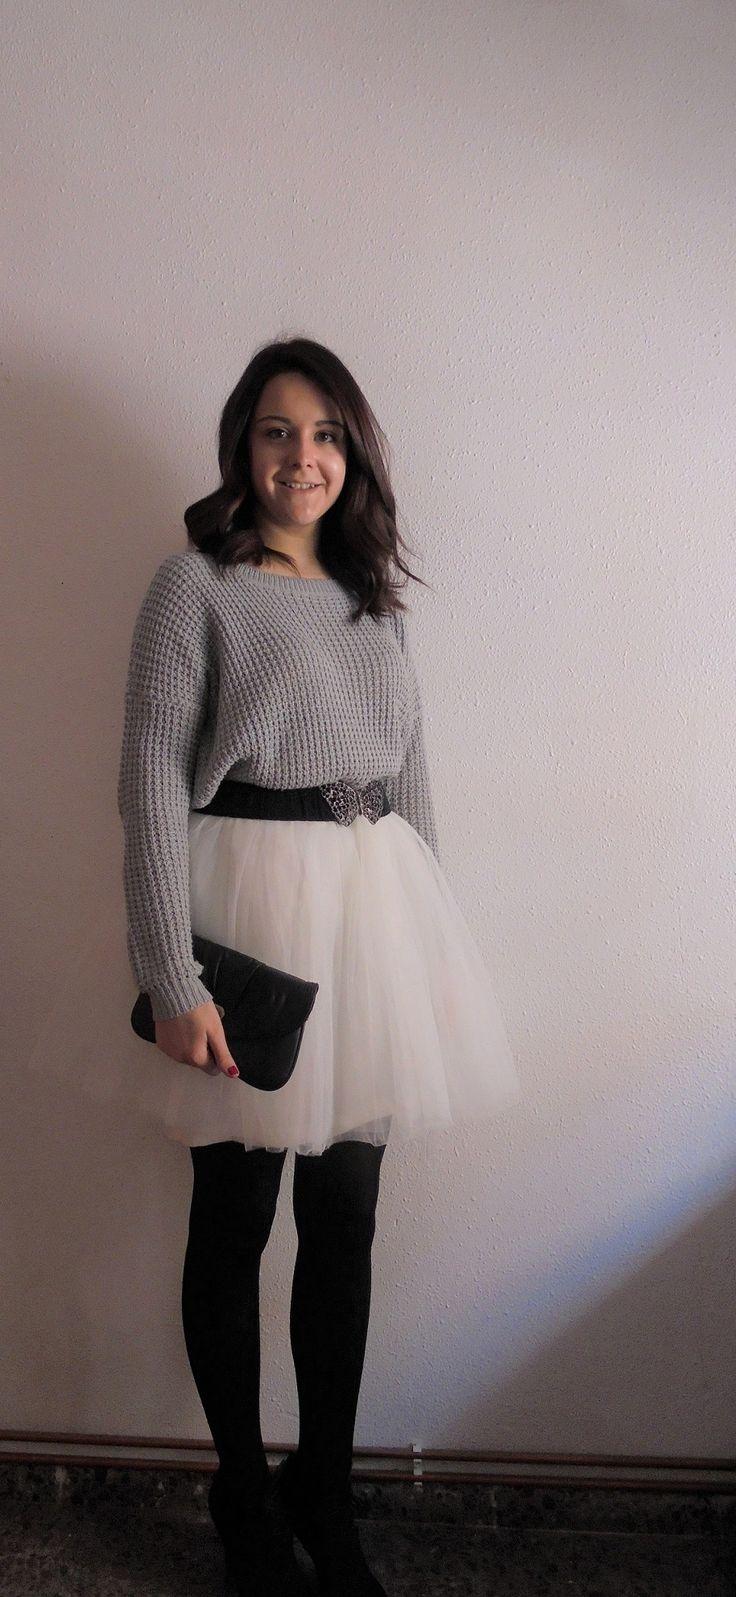 GREY, WHITE AND BLACK  - Temporada: Otoño-Invierno - Tags: falda de tul,  - Descripción: Look con jersey de lana combinado con una falda de tul. #FashionOlé